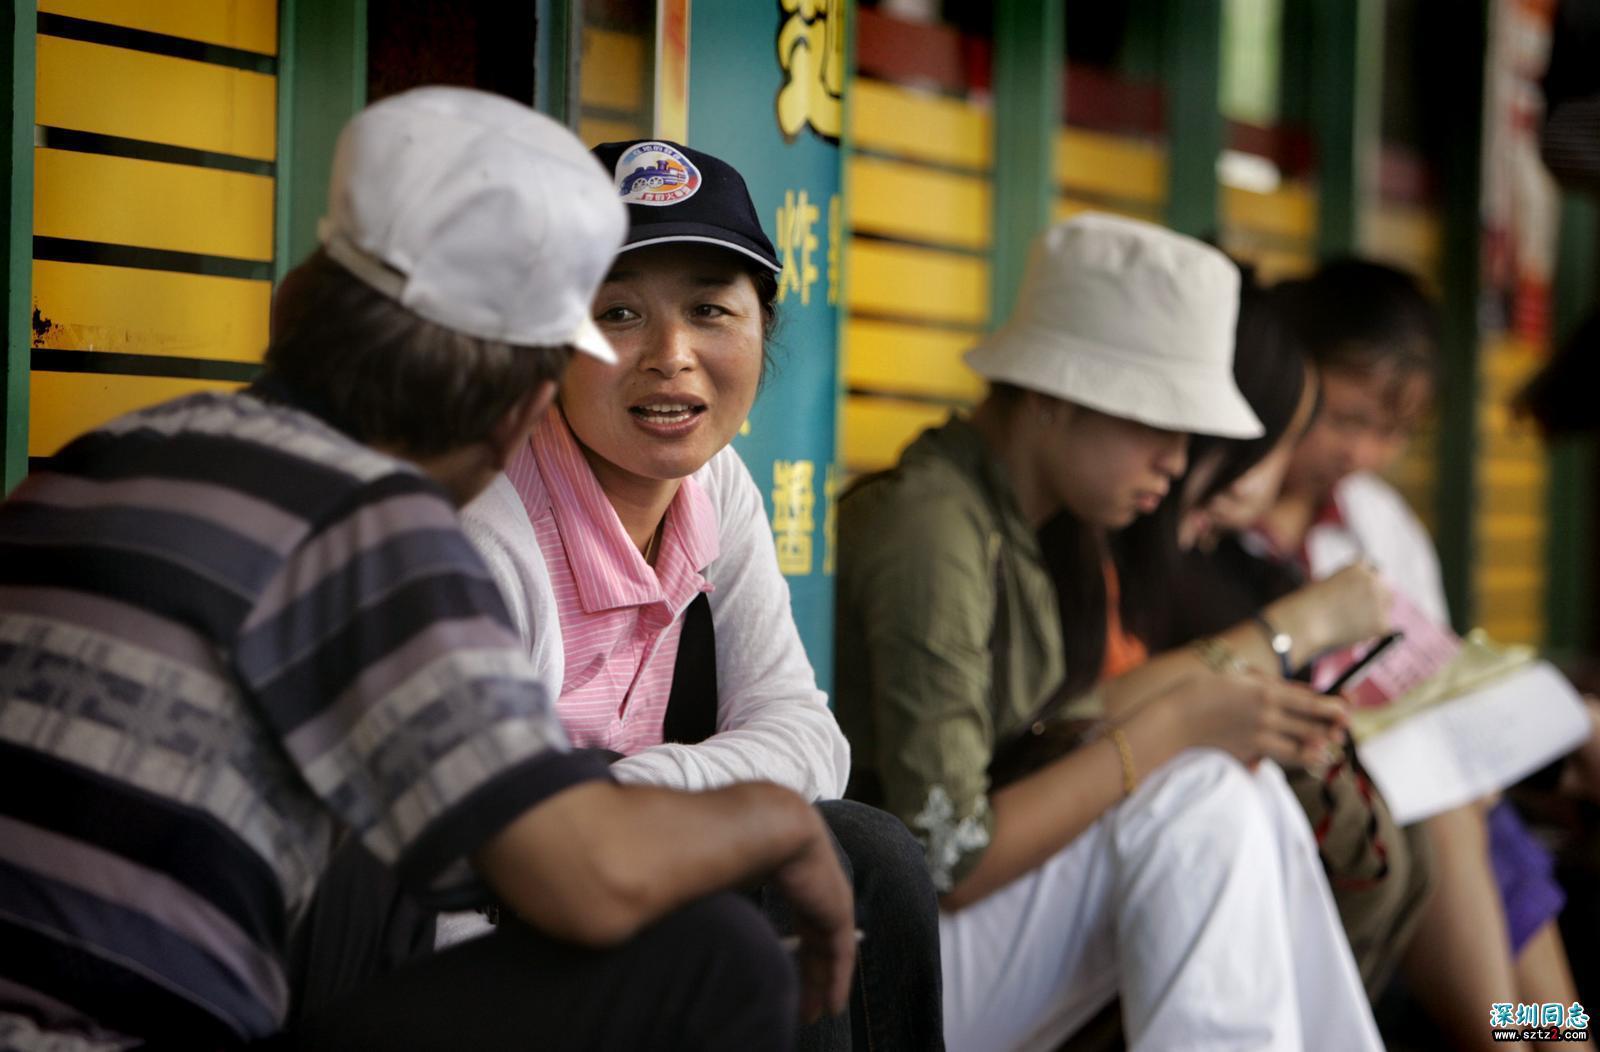 从母猪教徒到扑杀同性恋 台湾尚未到来的「反歧视法」